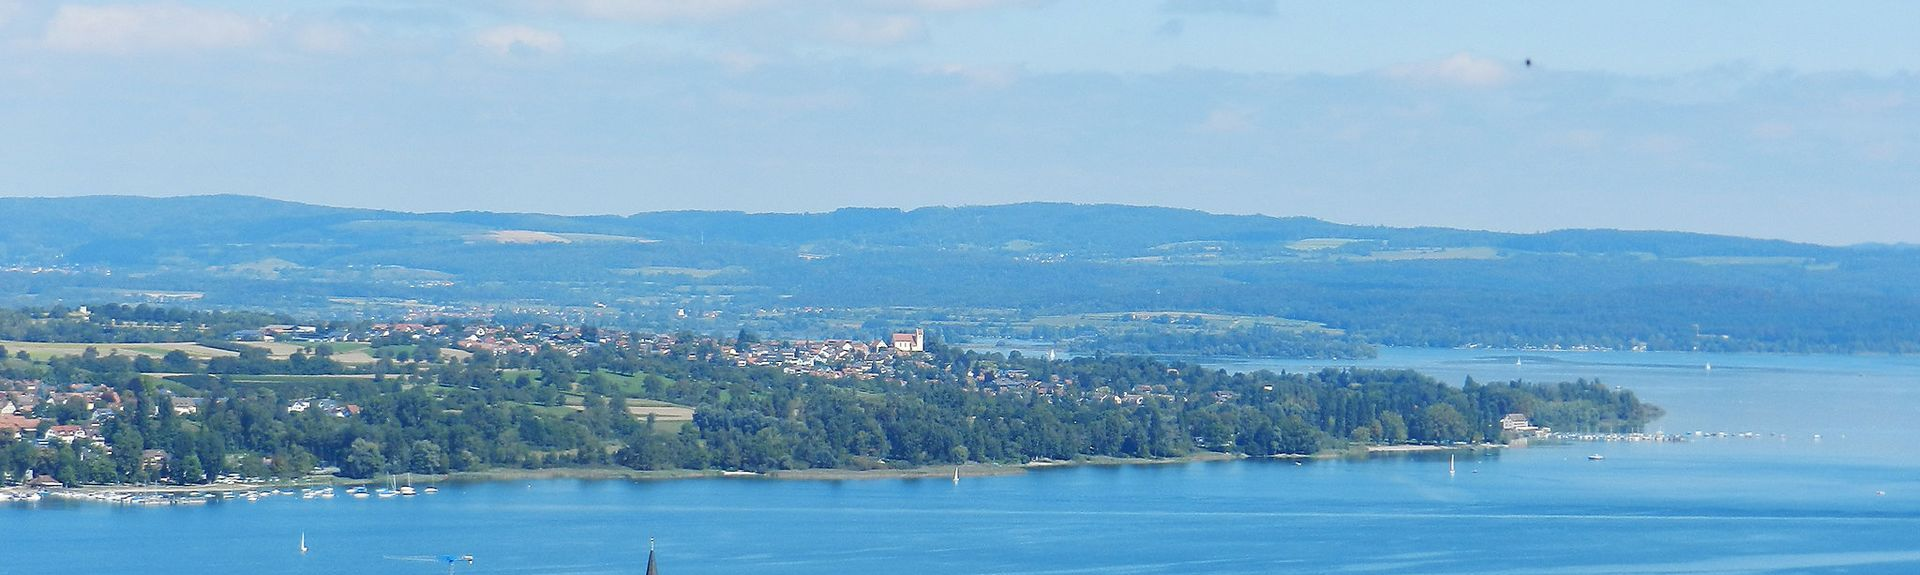 Andelfingen District, Zurich, Switzerland